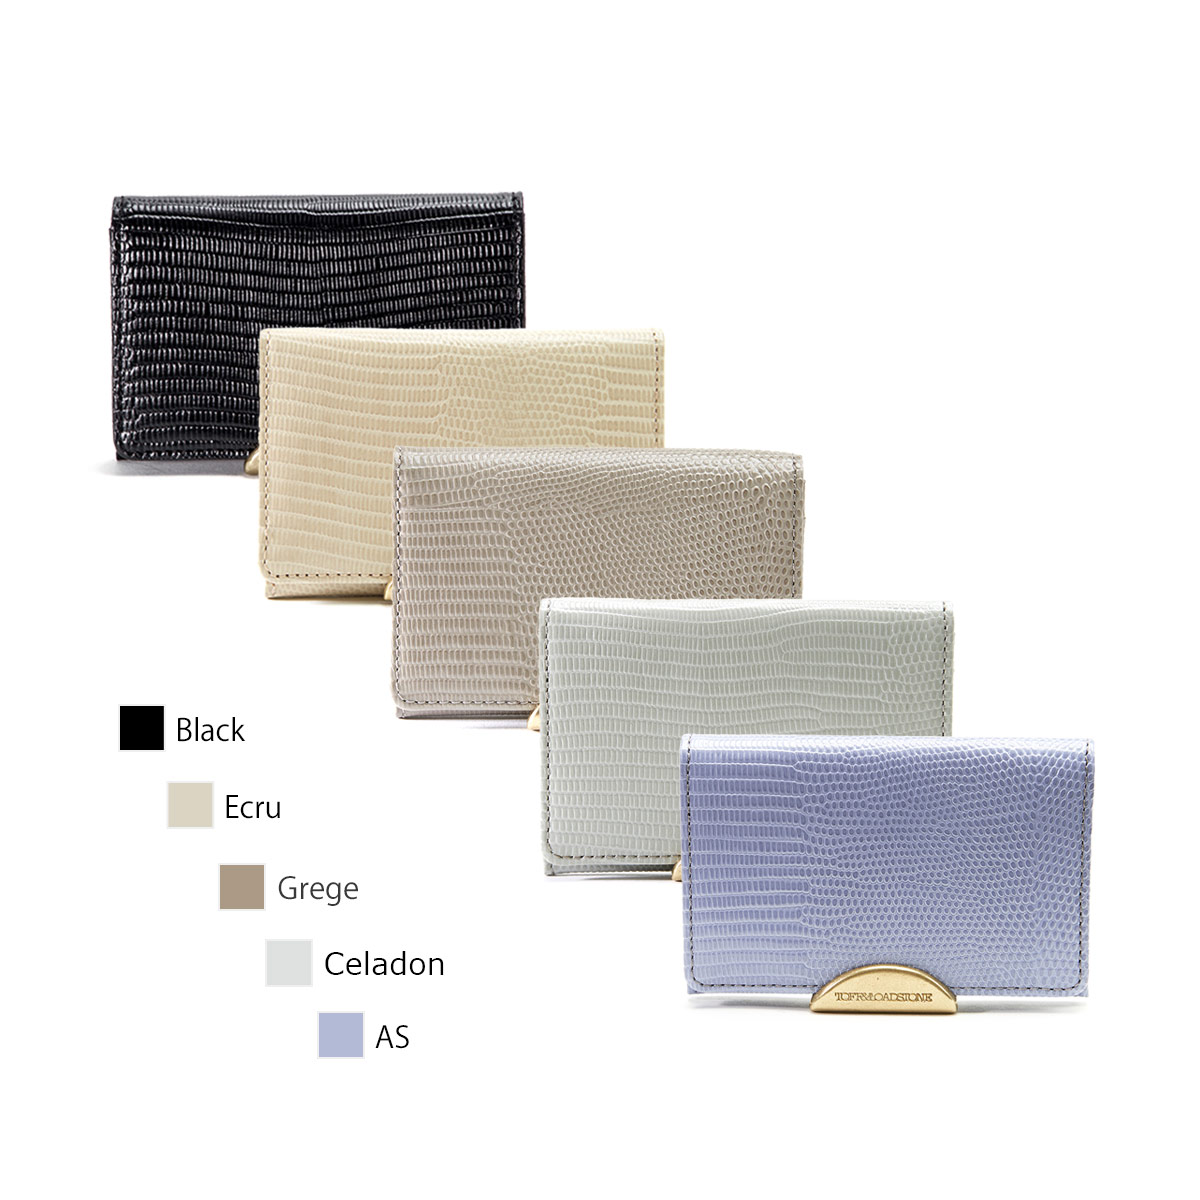 【正規販売店】トフアンドロードストーン デリスリザード名刺入れ カードケース Women's Delice Lizard Business Cardcase TOFF&LOADSTONE TLA-342